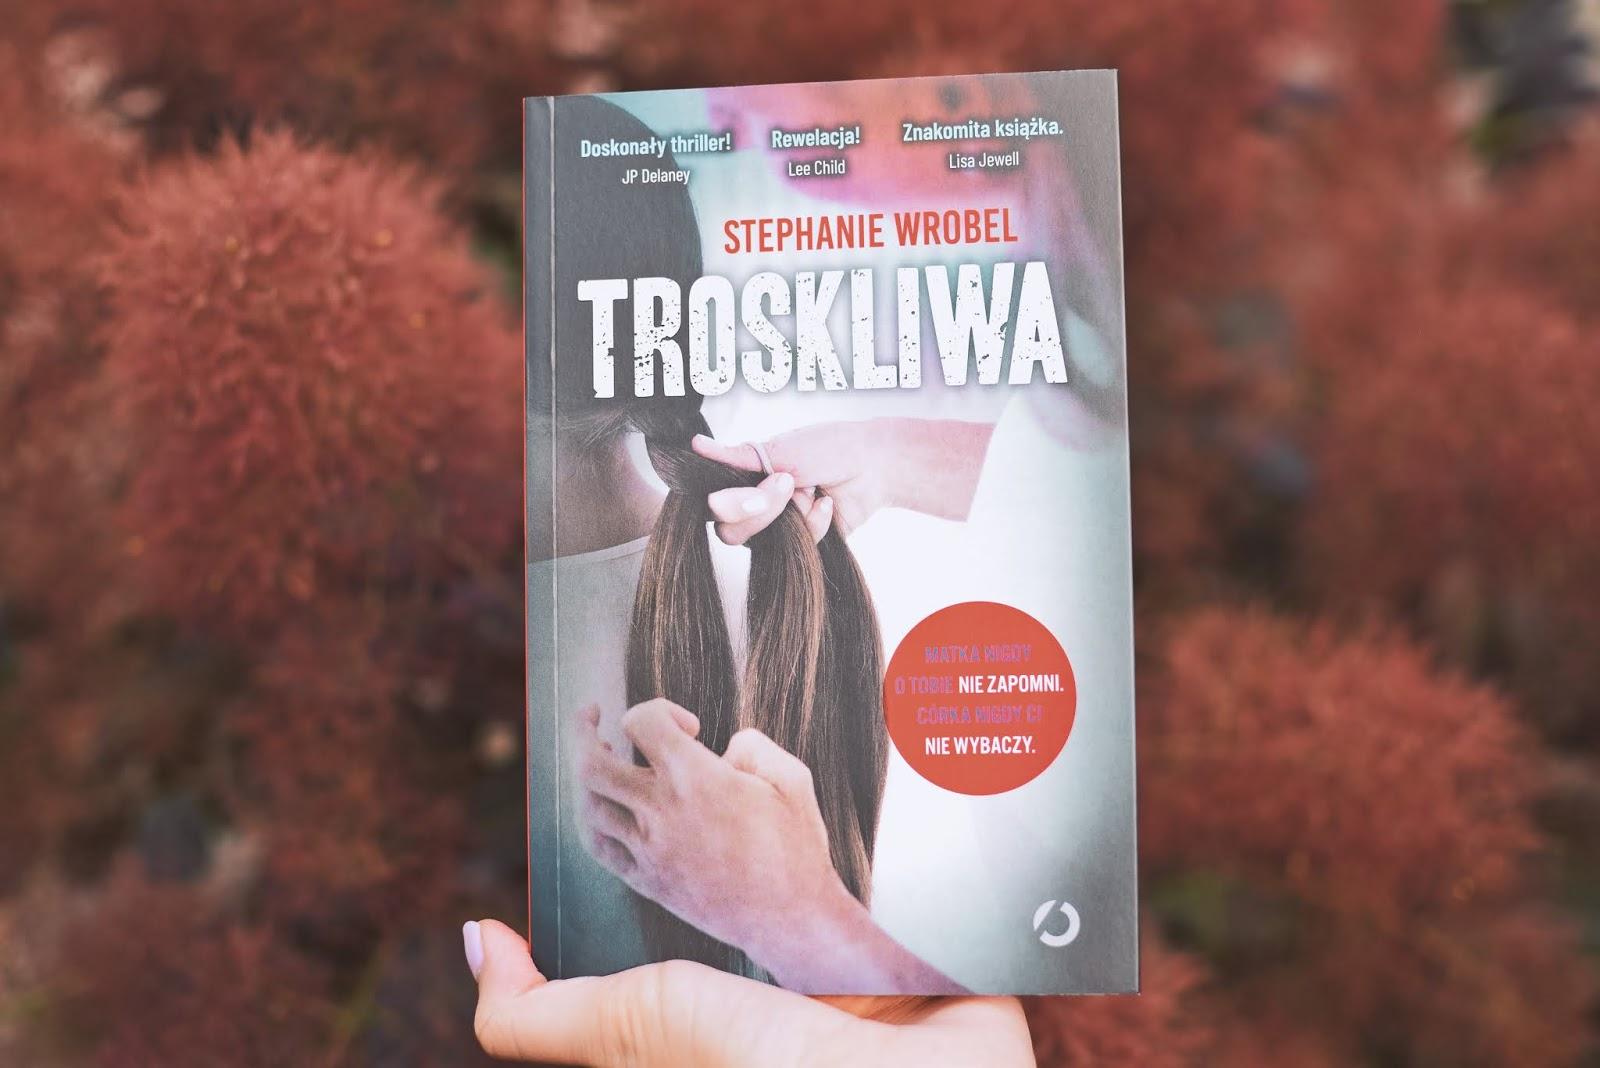 Troskliwa, StephanieWrobel, WydawnictwoOtwarte, thriller, recenzja, opowiadanie, przedpremierowo, premiera, thrillerpsychologiczny